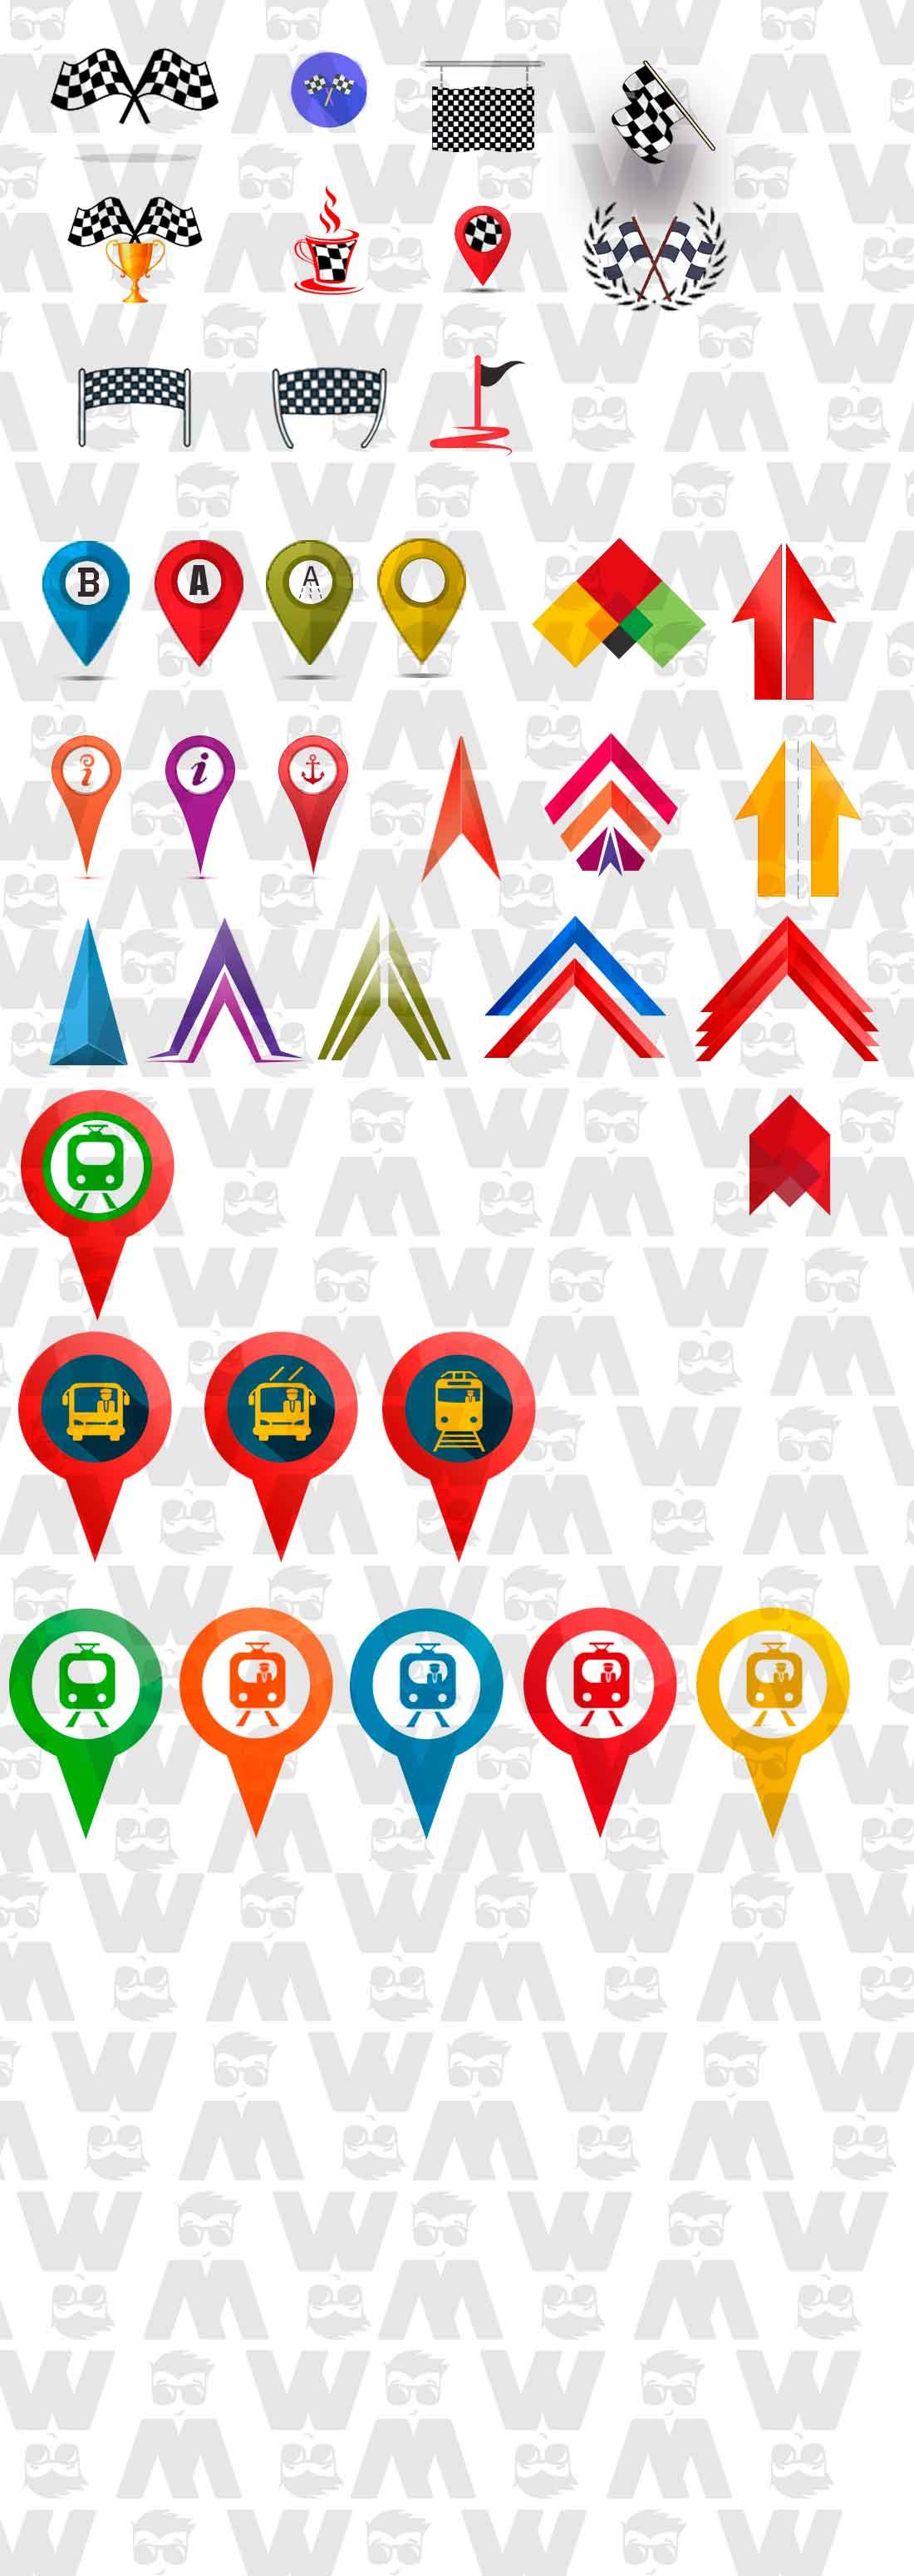 Иконки на карту. фото f_2235af5ecf50cdaf.jpg